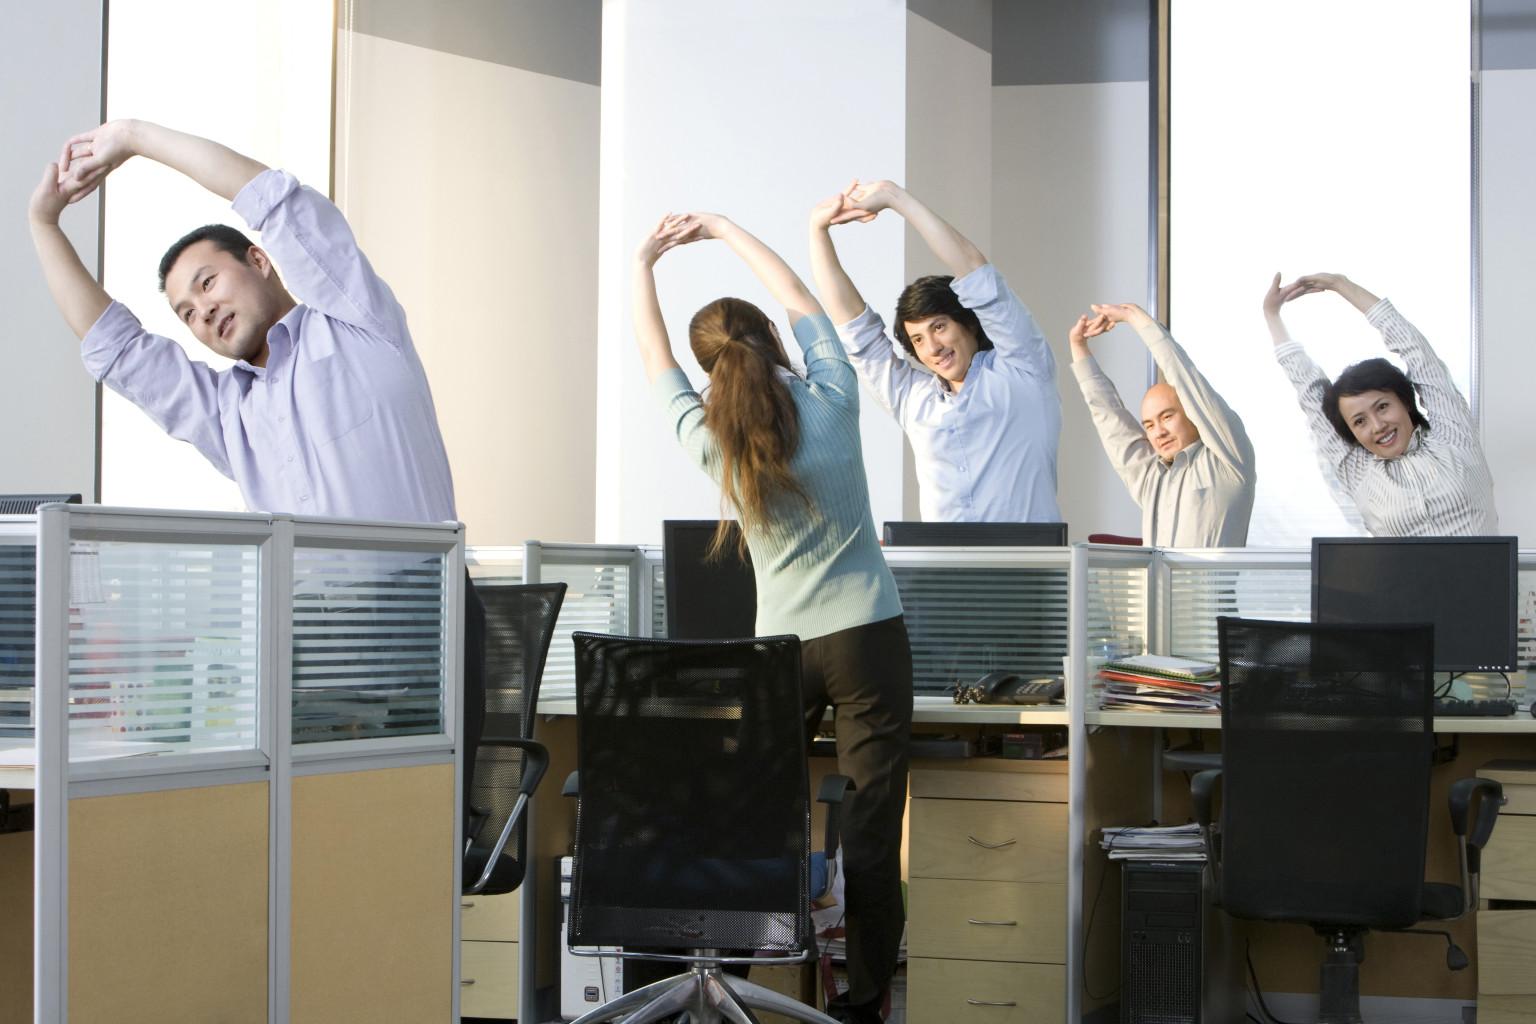 Ejercicios para la oficina ebocame for Ejercicios en la oficina